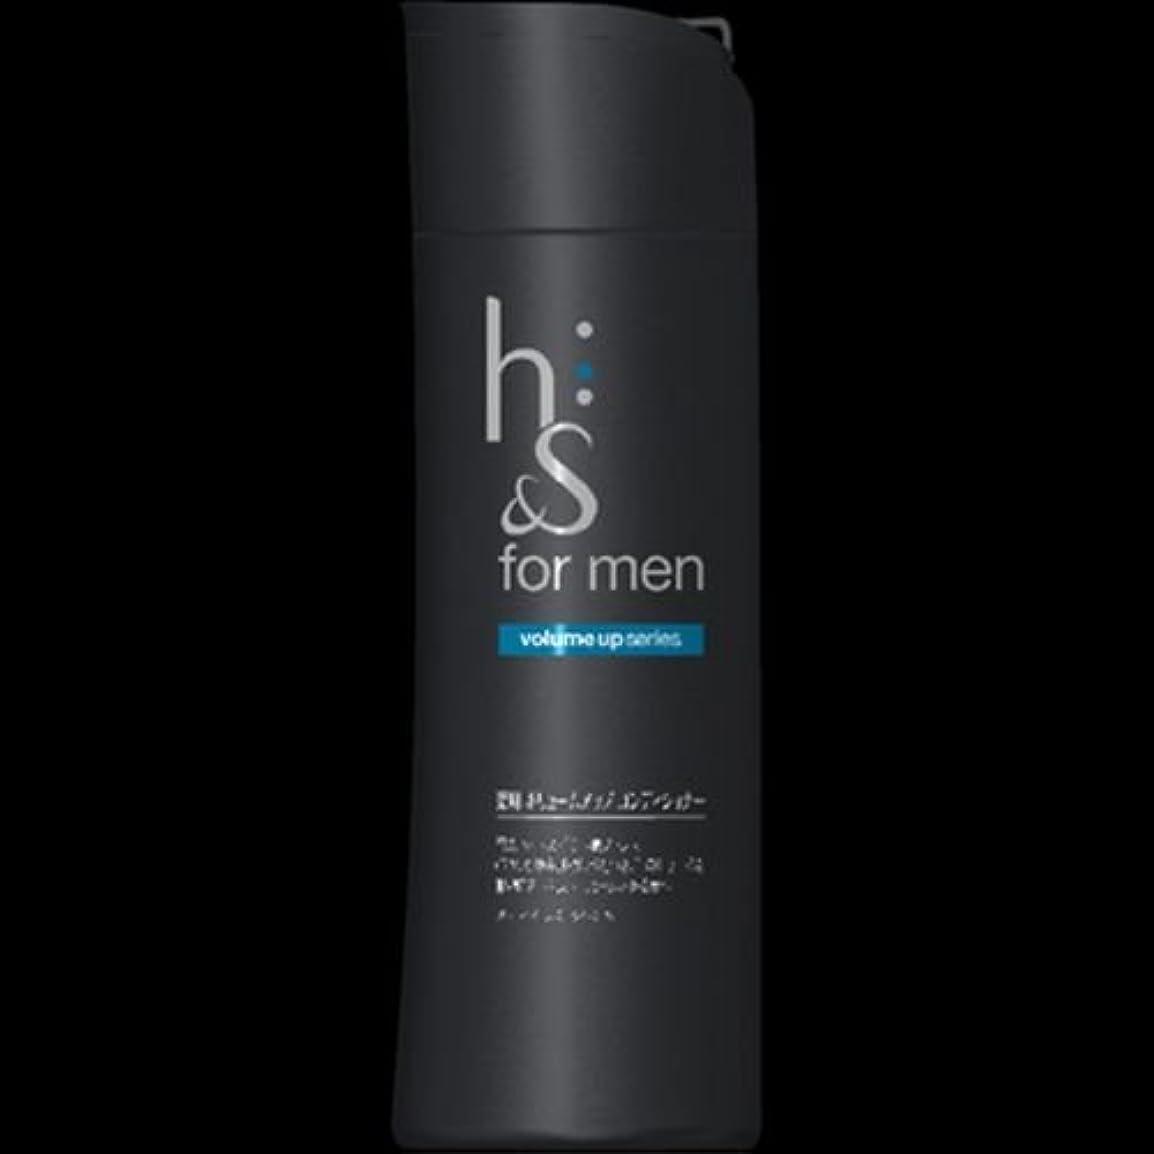 シリンダー活発バイナリ【まとめ買い】h&s for men ボリュームアップコンディショナー 200g ×2セット